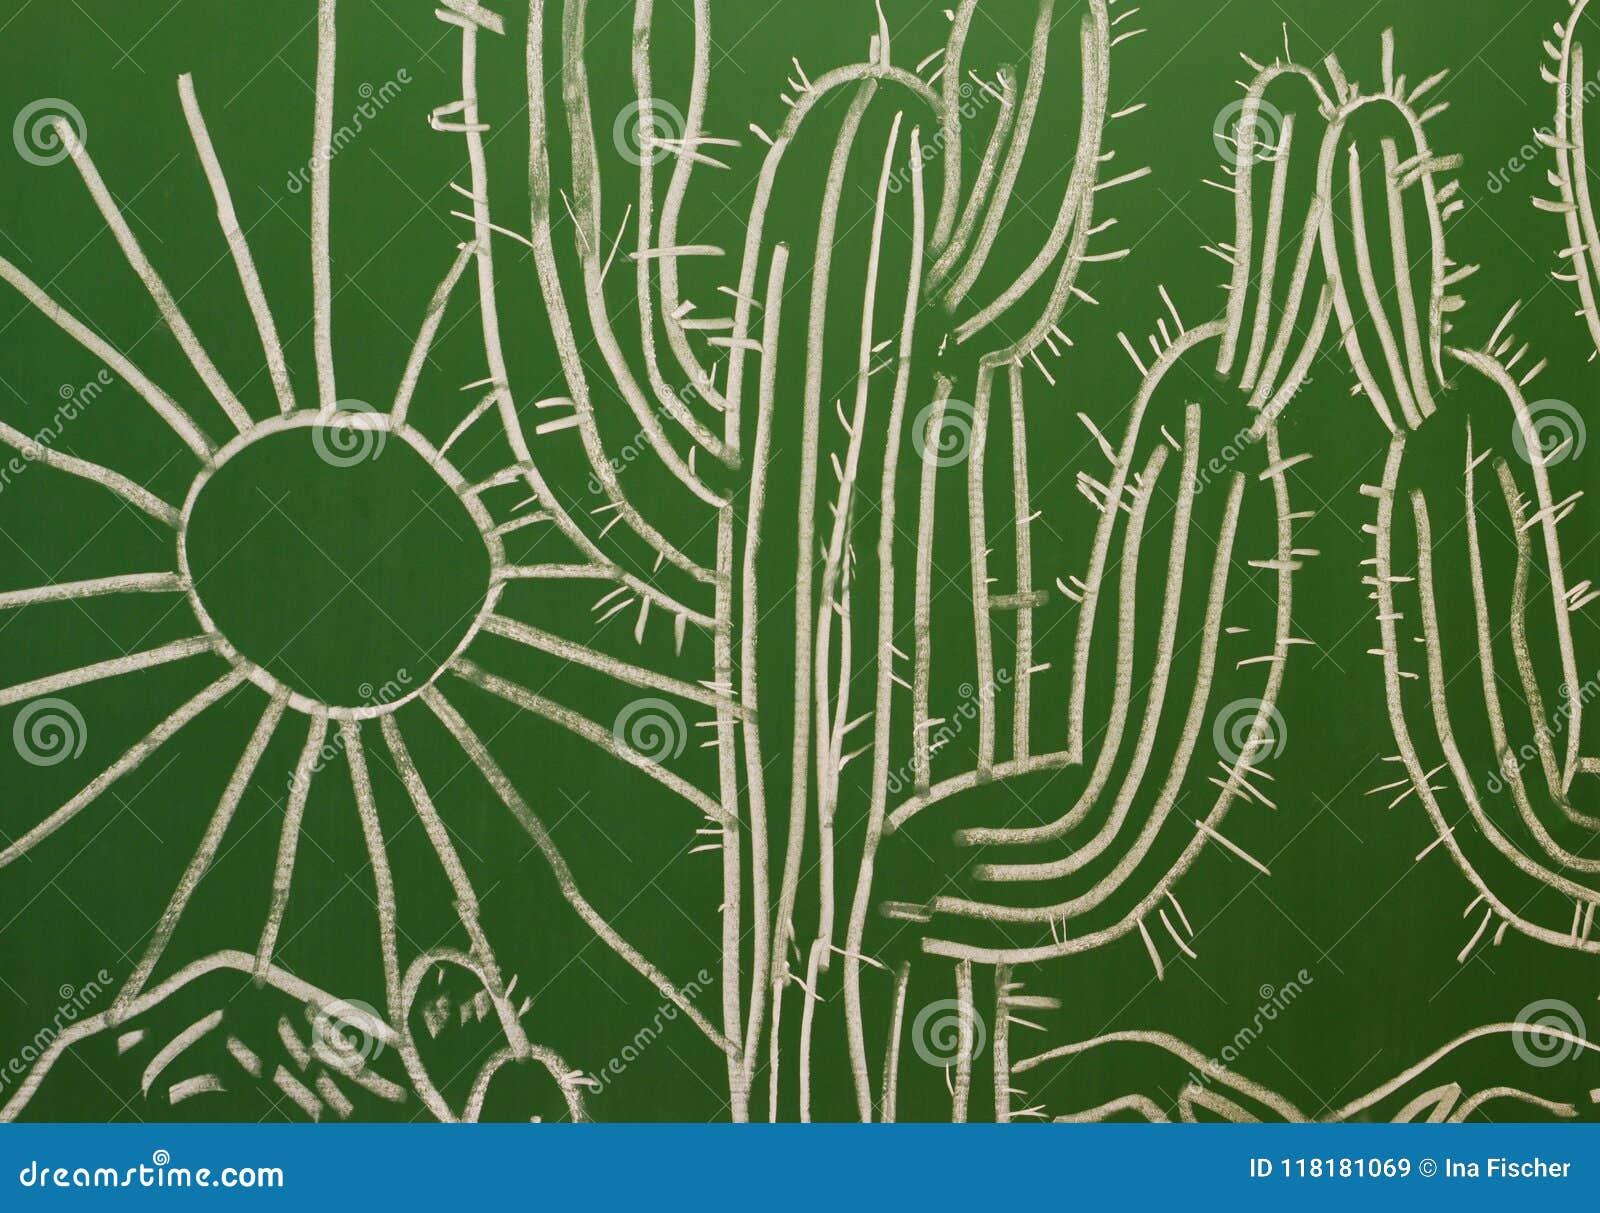 Obraz z kaktusem i słońcem na chalkboard